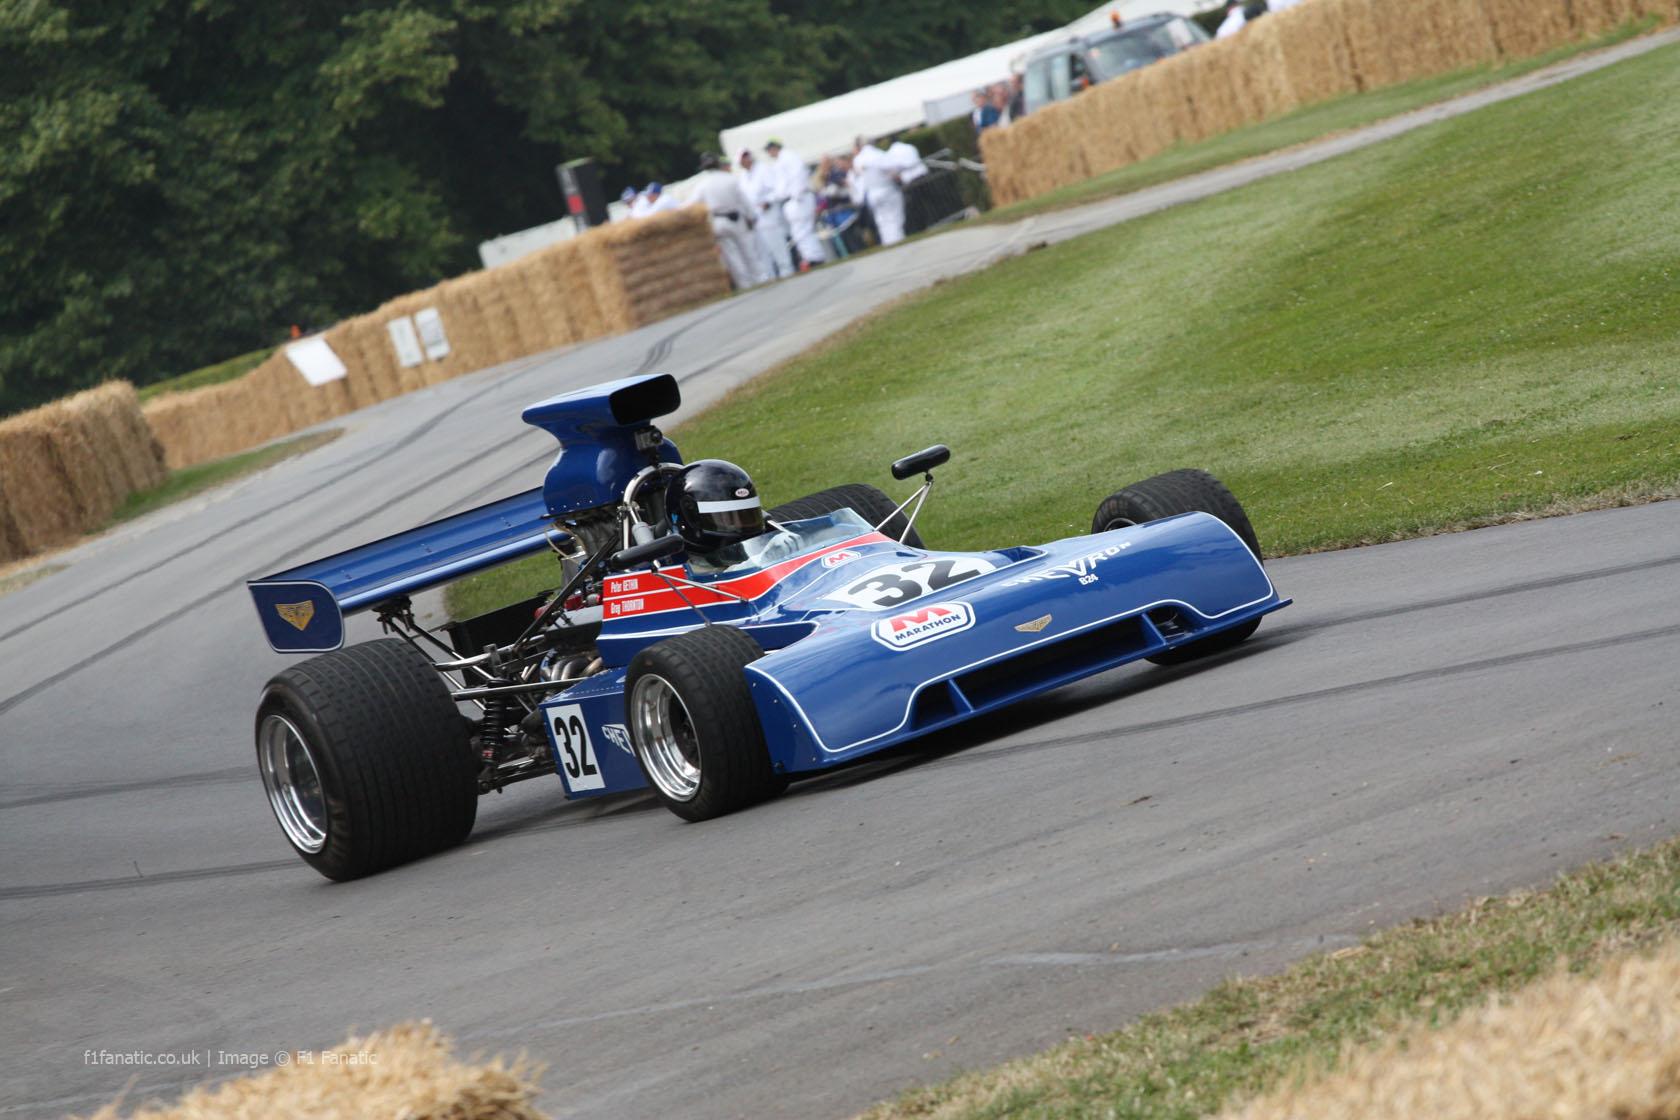 Chevron Chevrolet B24 (2), Goodwood Festival of Speed, 2014